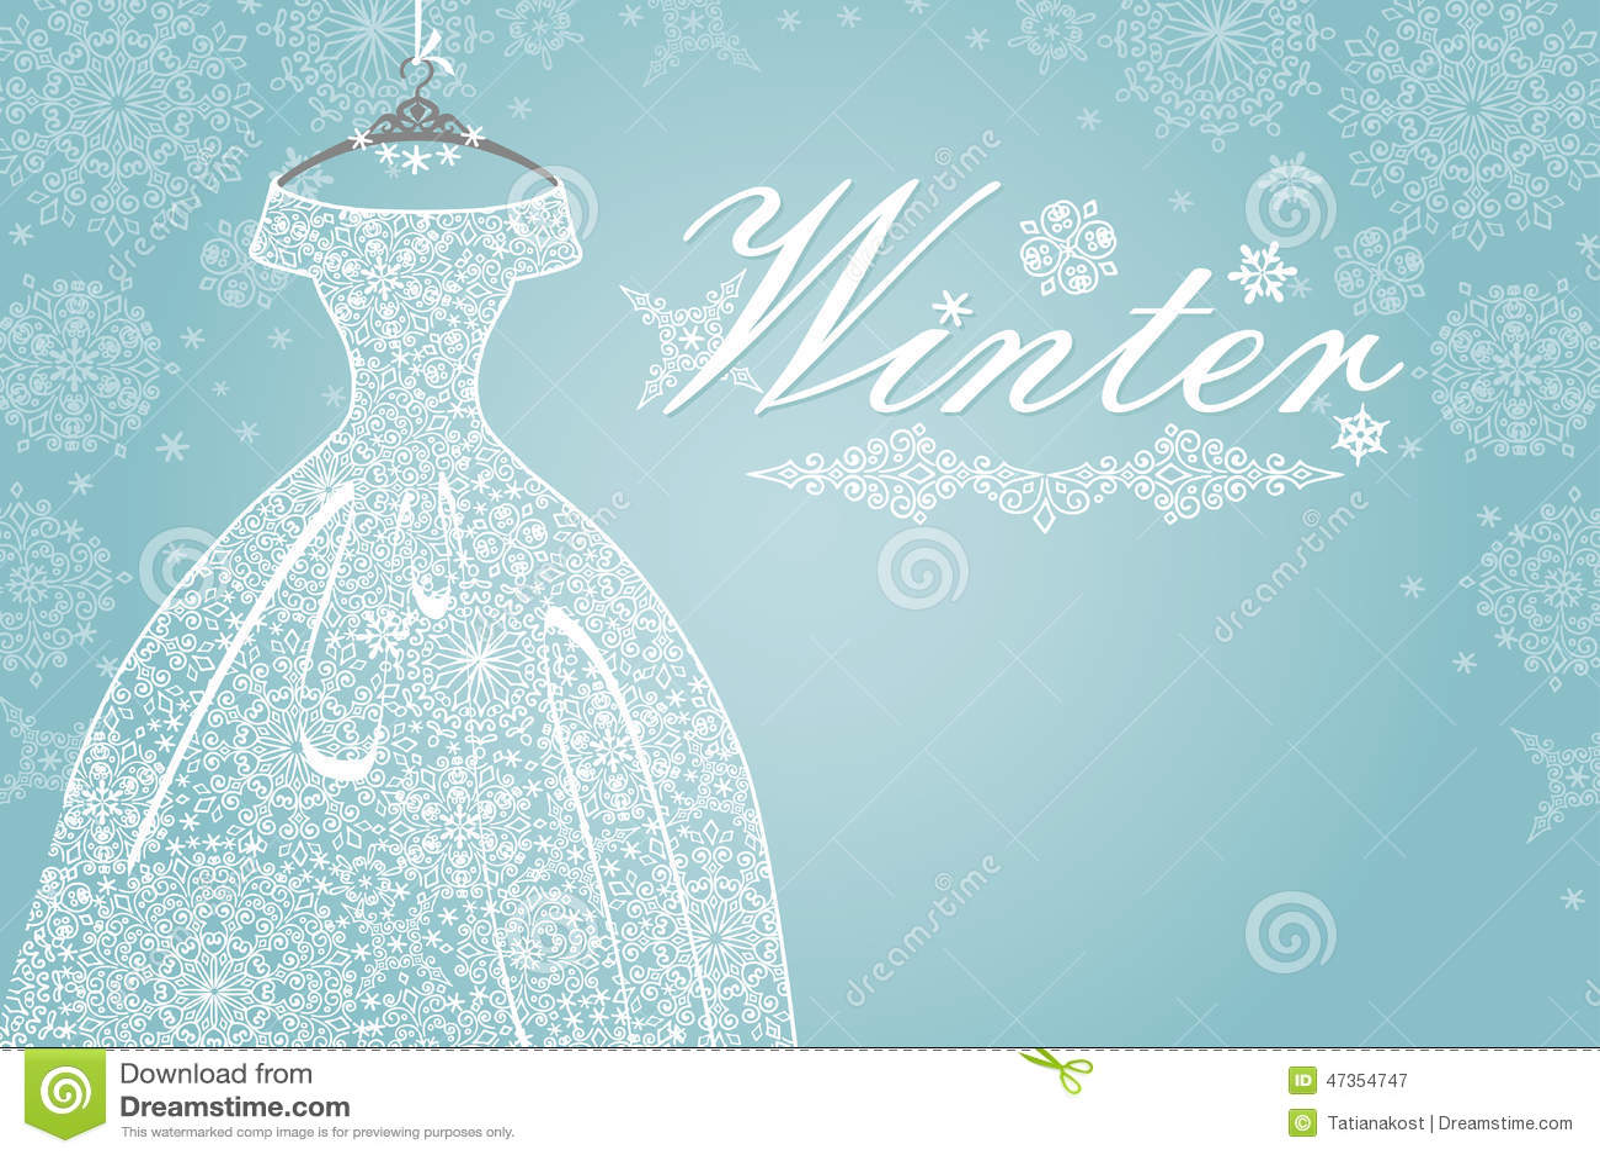 Winterkarte Brautkleid Mit Schneeflockenspitze Stockbild - Bild von ...